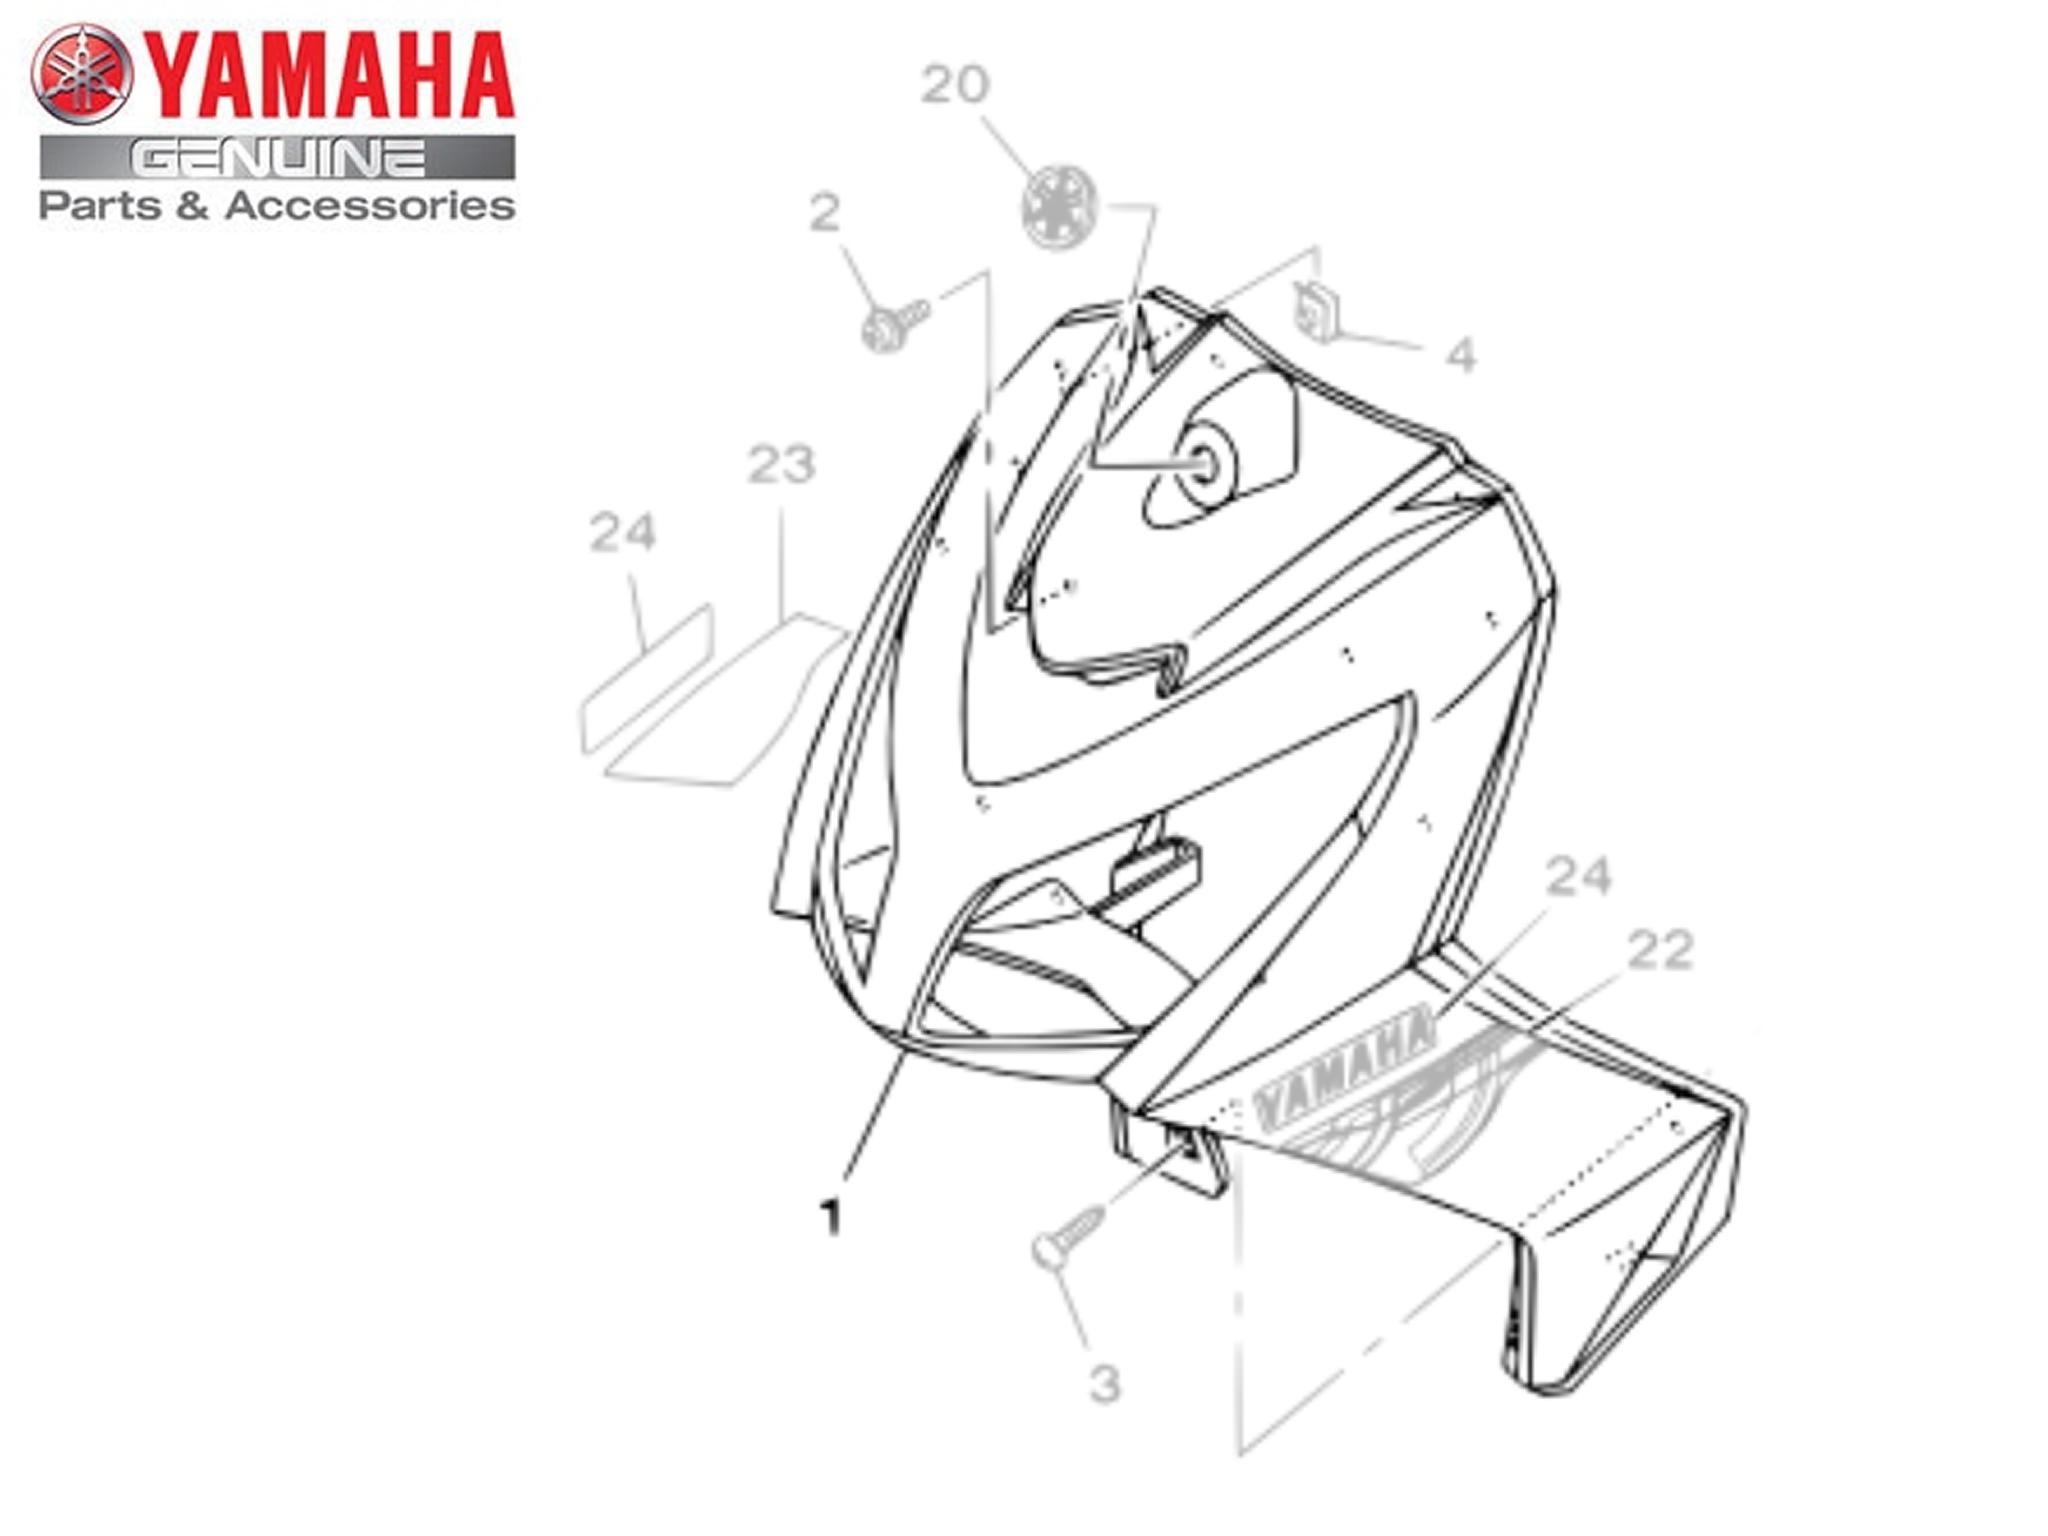 Protetor de Pernas Carenagem para Yamaha NEO AT 115 2008